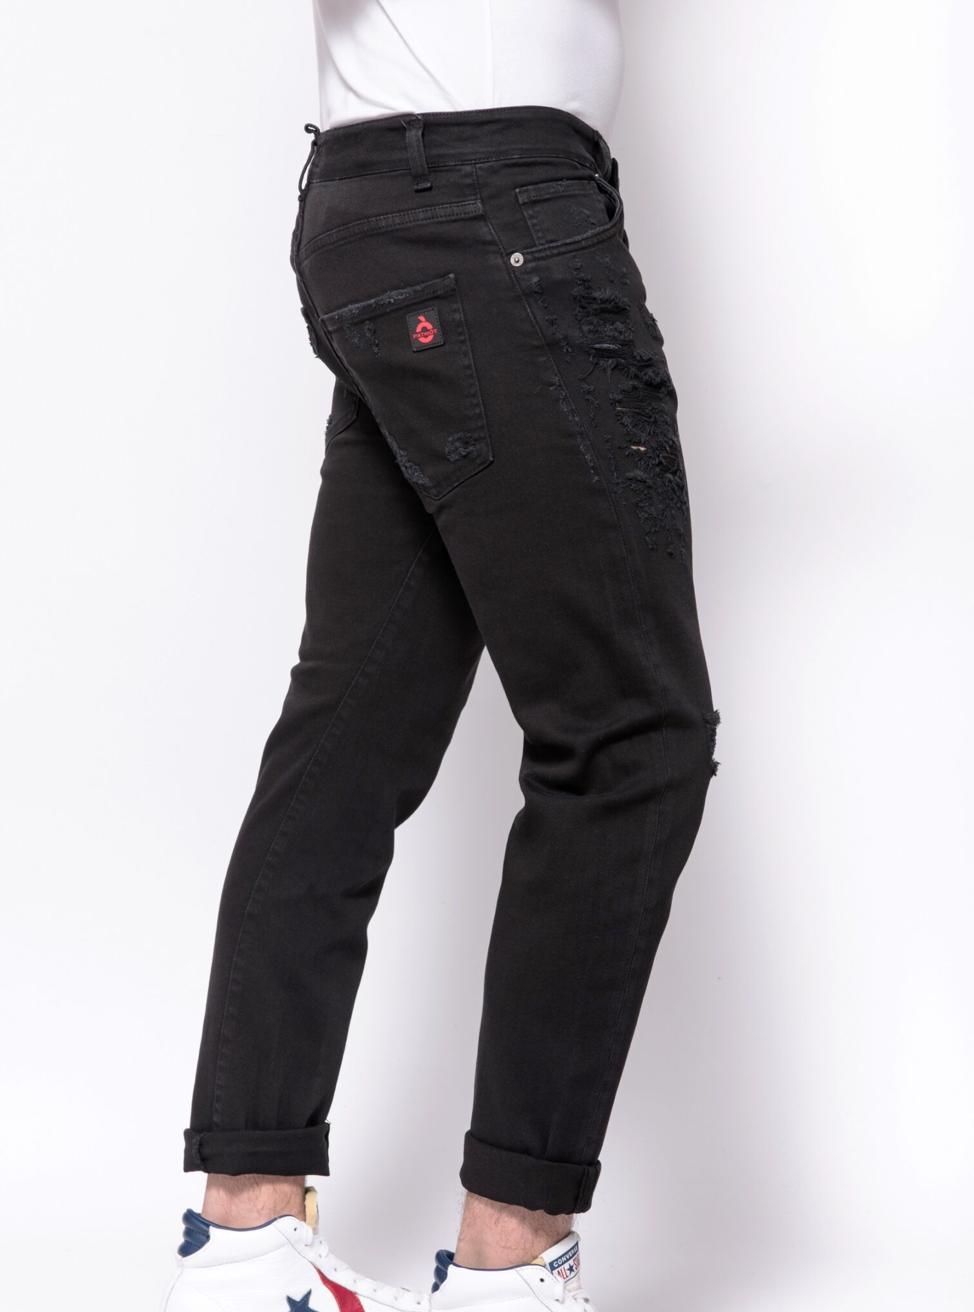 Jeans in denim Destroyed Patriòt PATRIOT | Jeans | PKAY880NERO